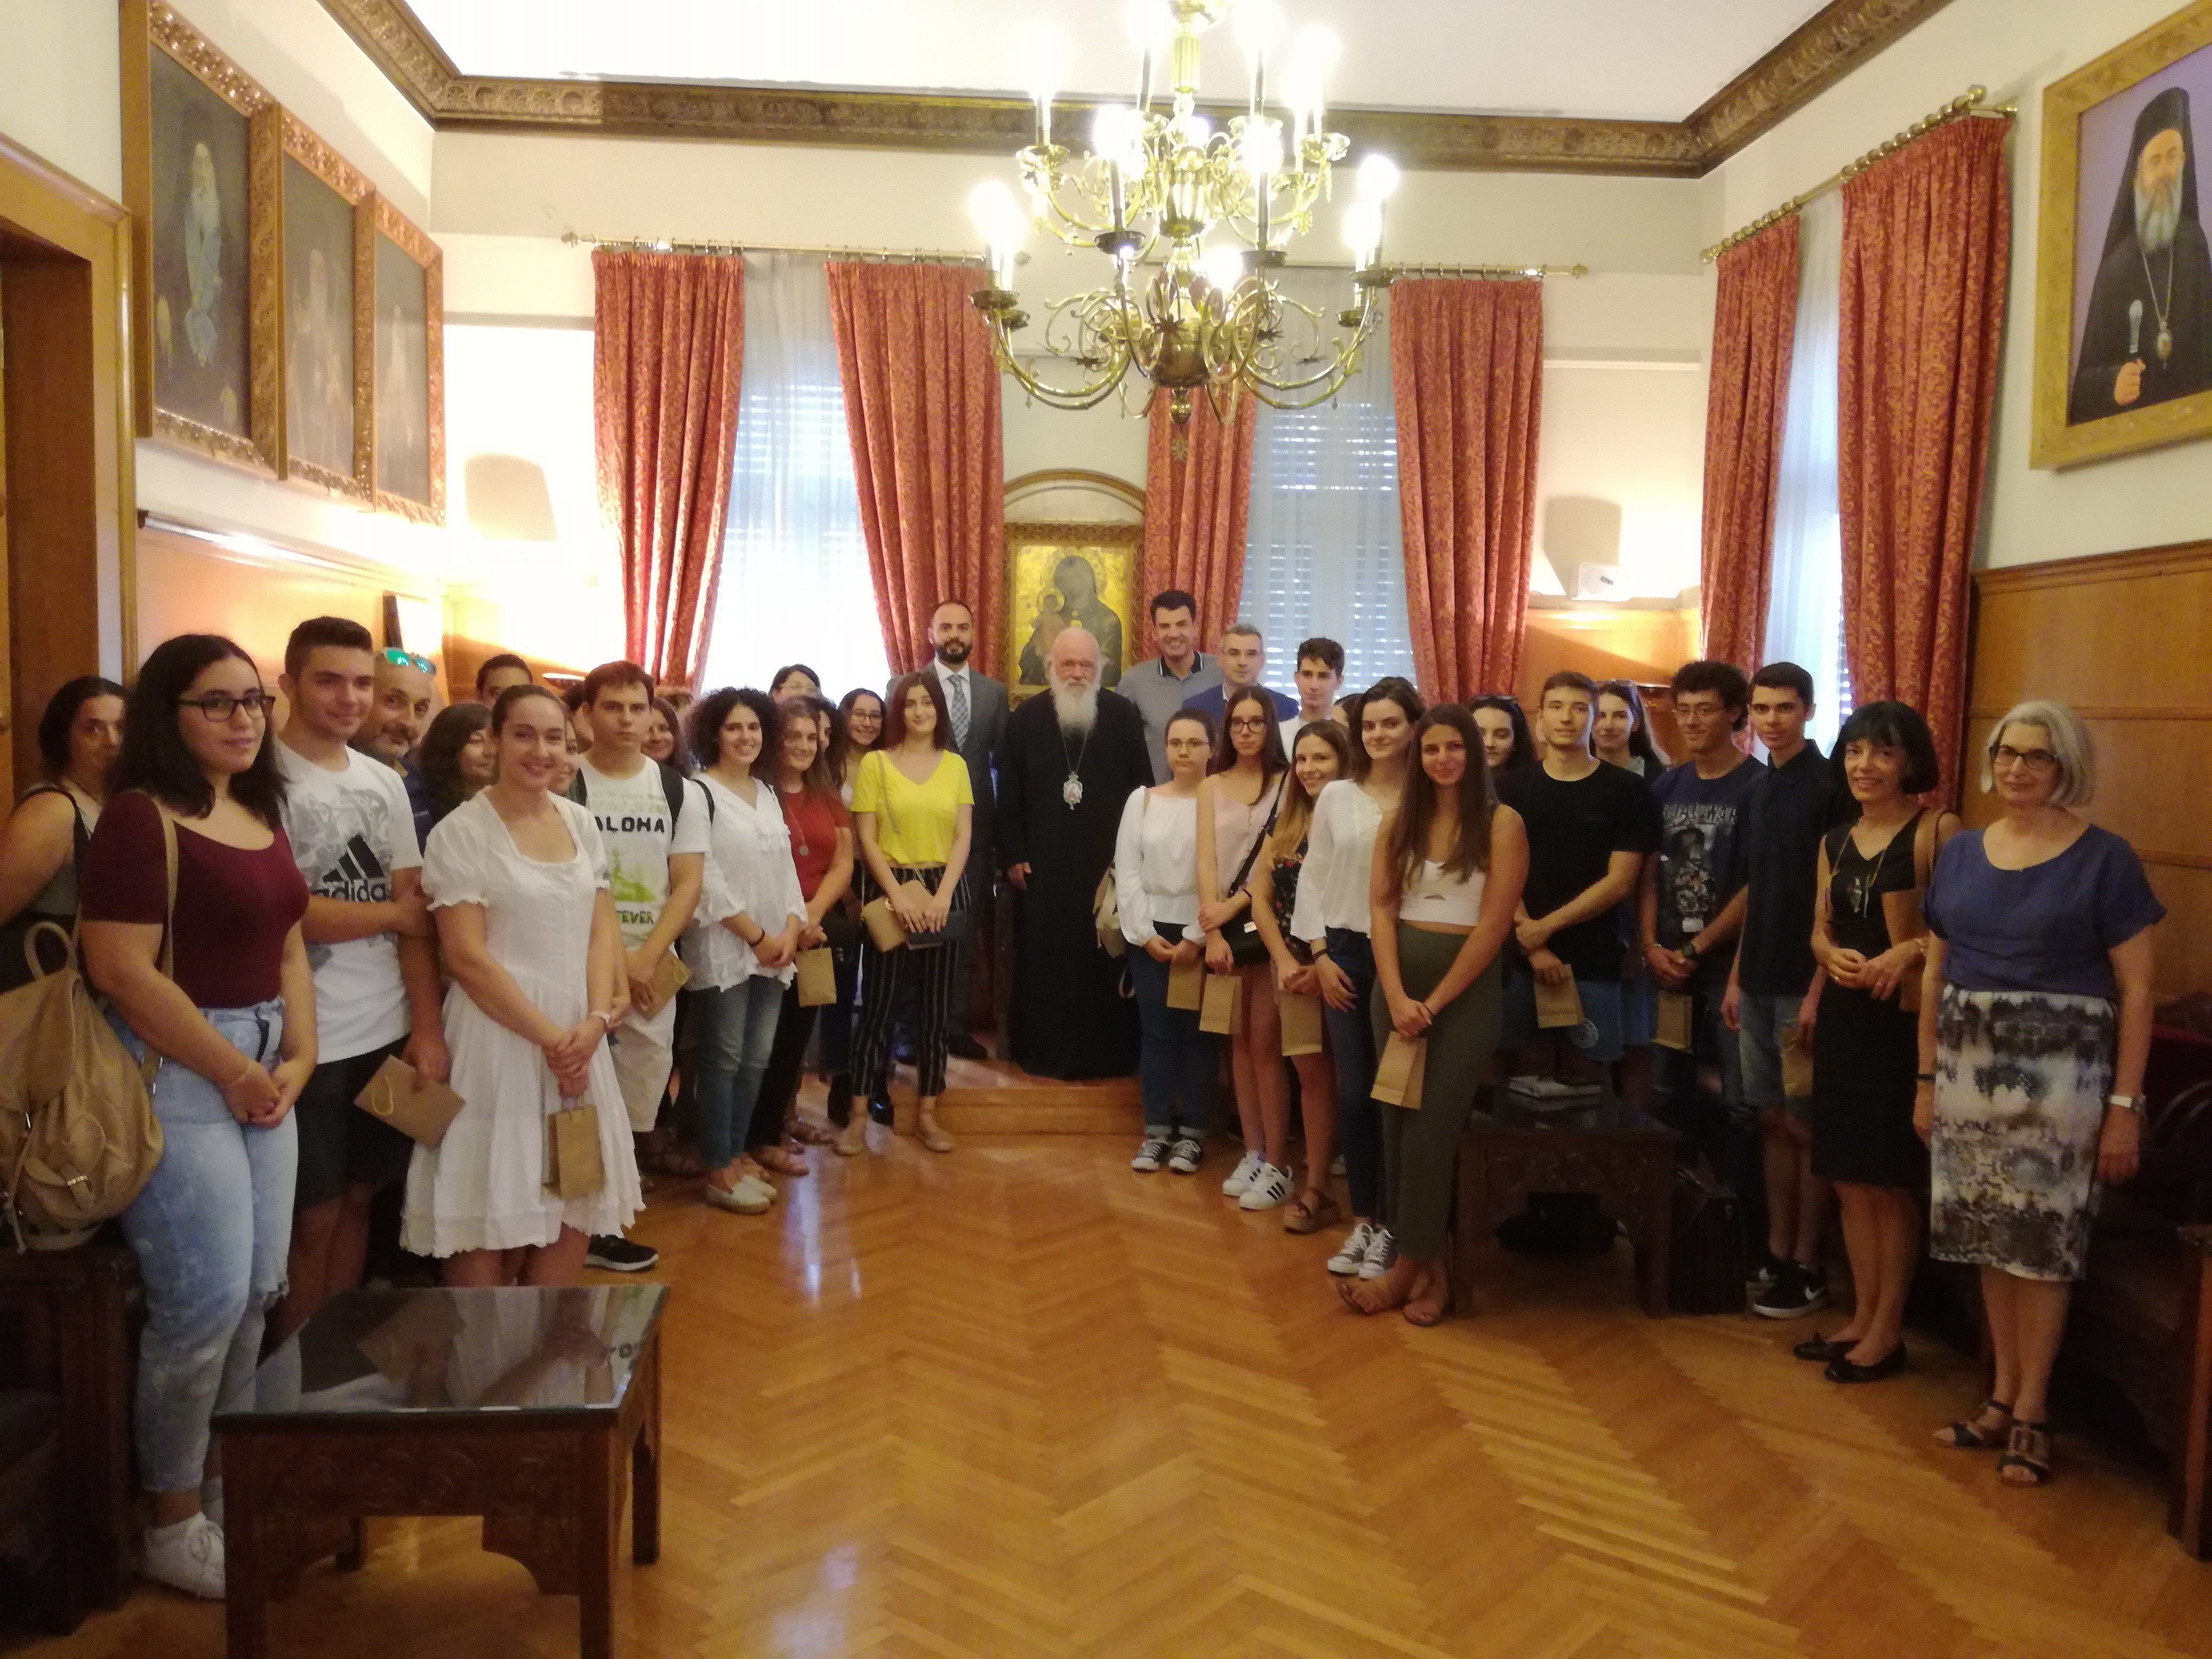 Συγκινητικός Λόγος του Αρχιεπισκόπου κ.κ. Ιερωνύμου στους επιτυχόντες, γονείς και καθηγητές του Κοινωνικού Φρονιστηρίου